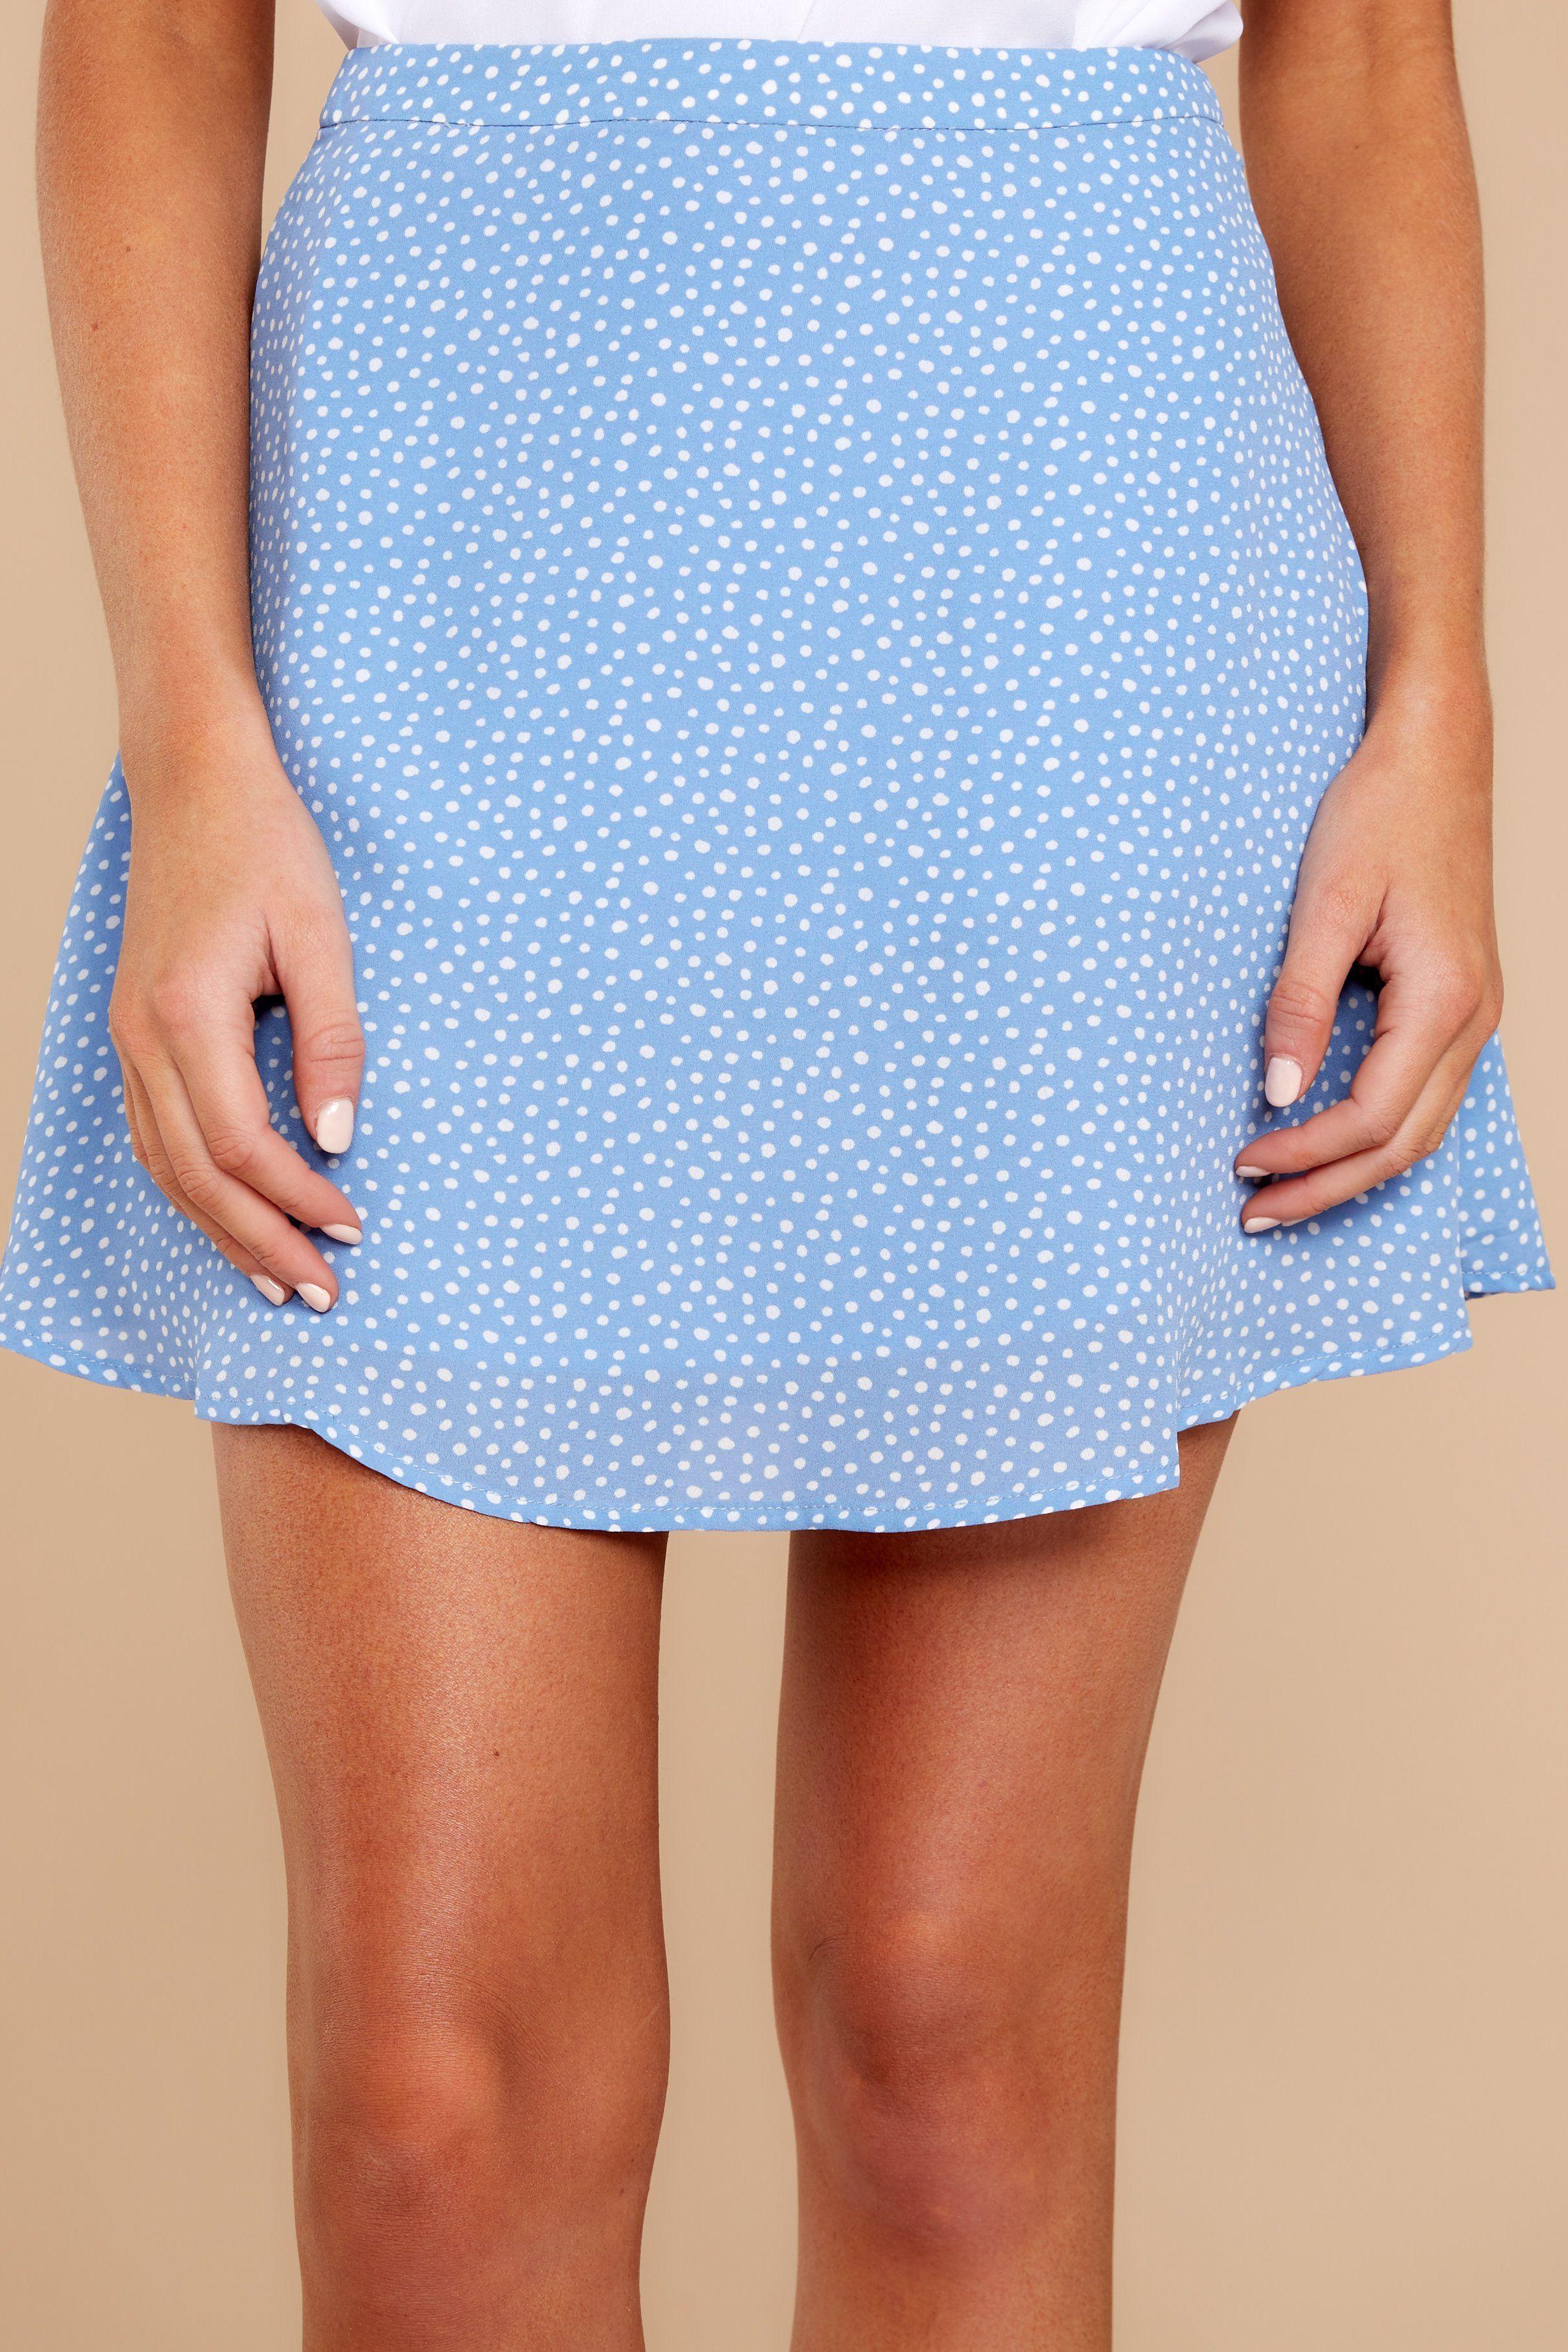 3da628a5c853 Chic Light Blue Polka Dot Skirt - Trendy Skirt - Skirt - $38.00 – Red Dress  Boutique